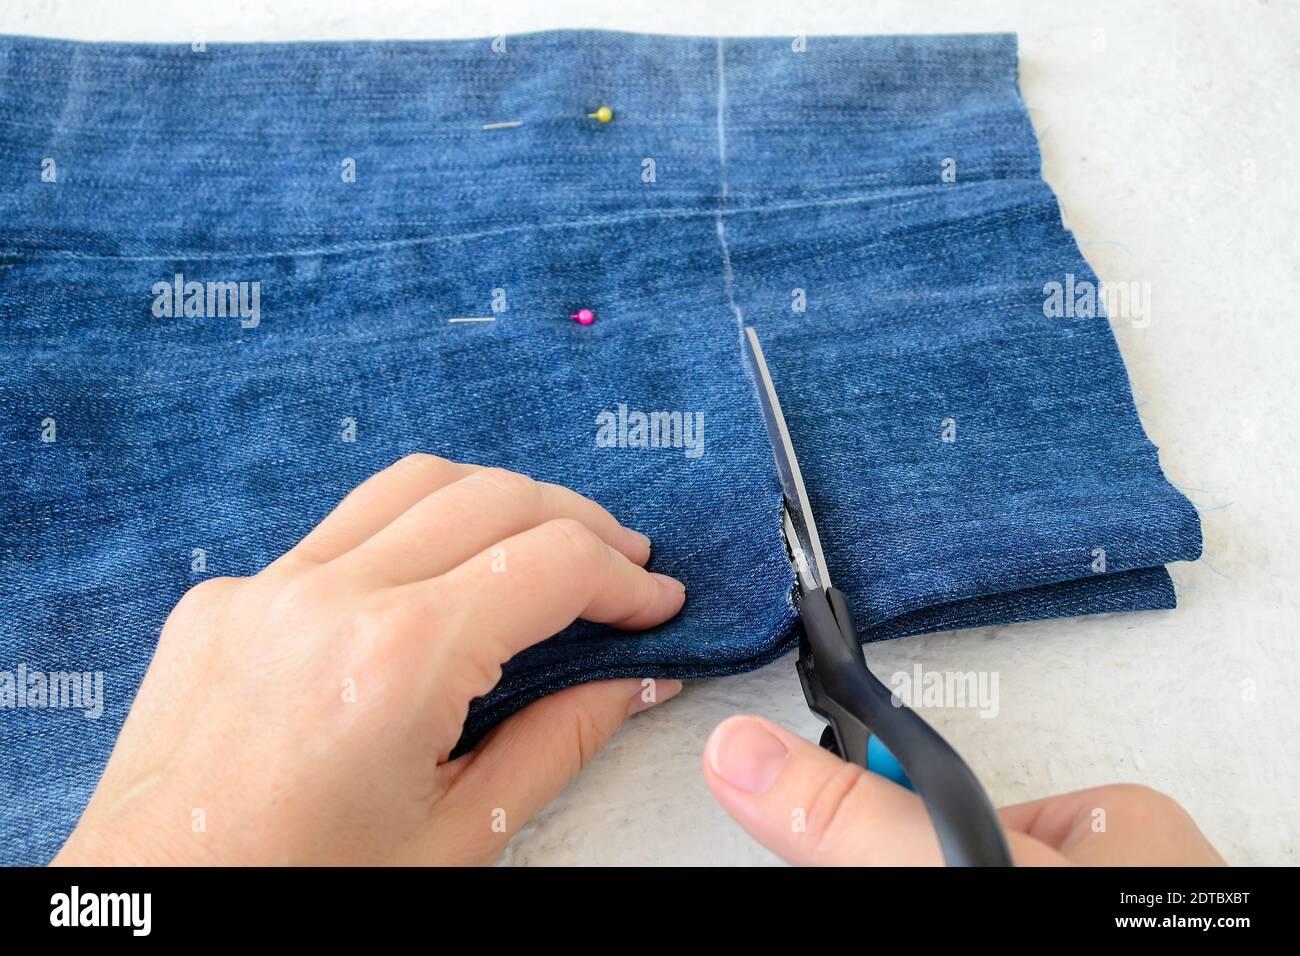 Pantalones Cortos De Mezclilla De Jean Azul Roto Fotos E Imagenes De Stock Alamy